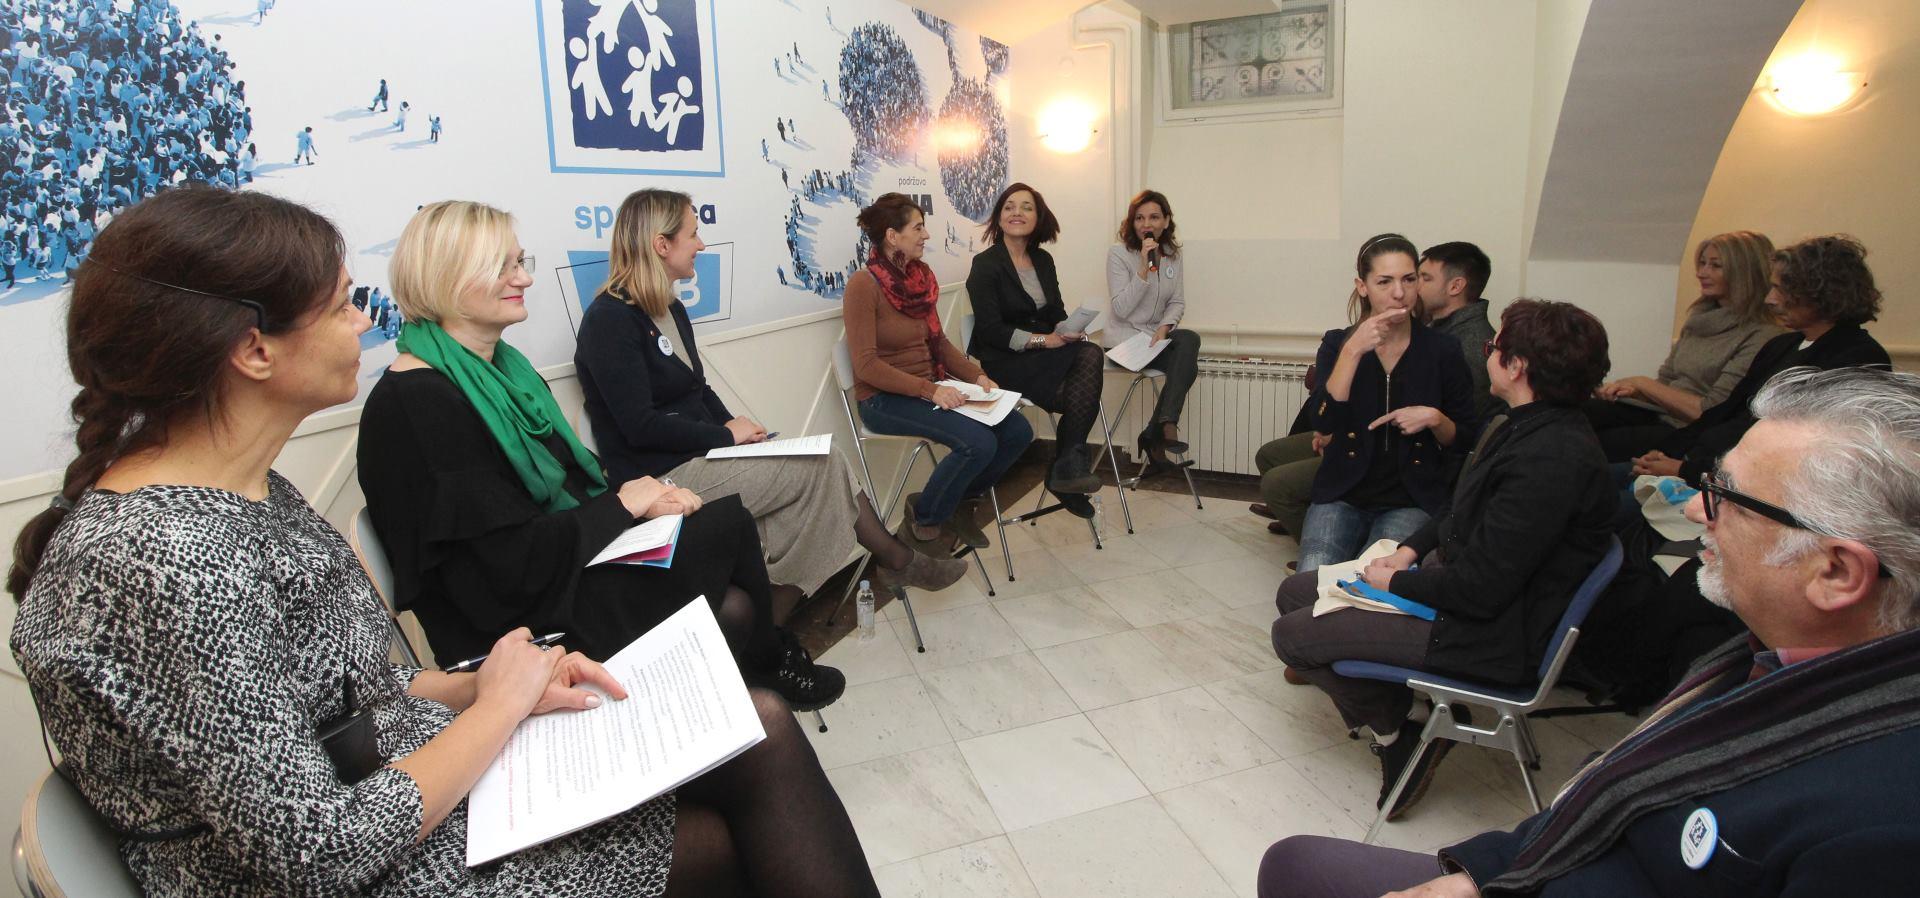 INA SPAJALICA HUB Potvrđena važnost dijeljenja znanja kao novog modela društveno odgovornog poslovanja